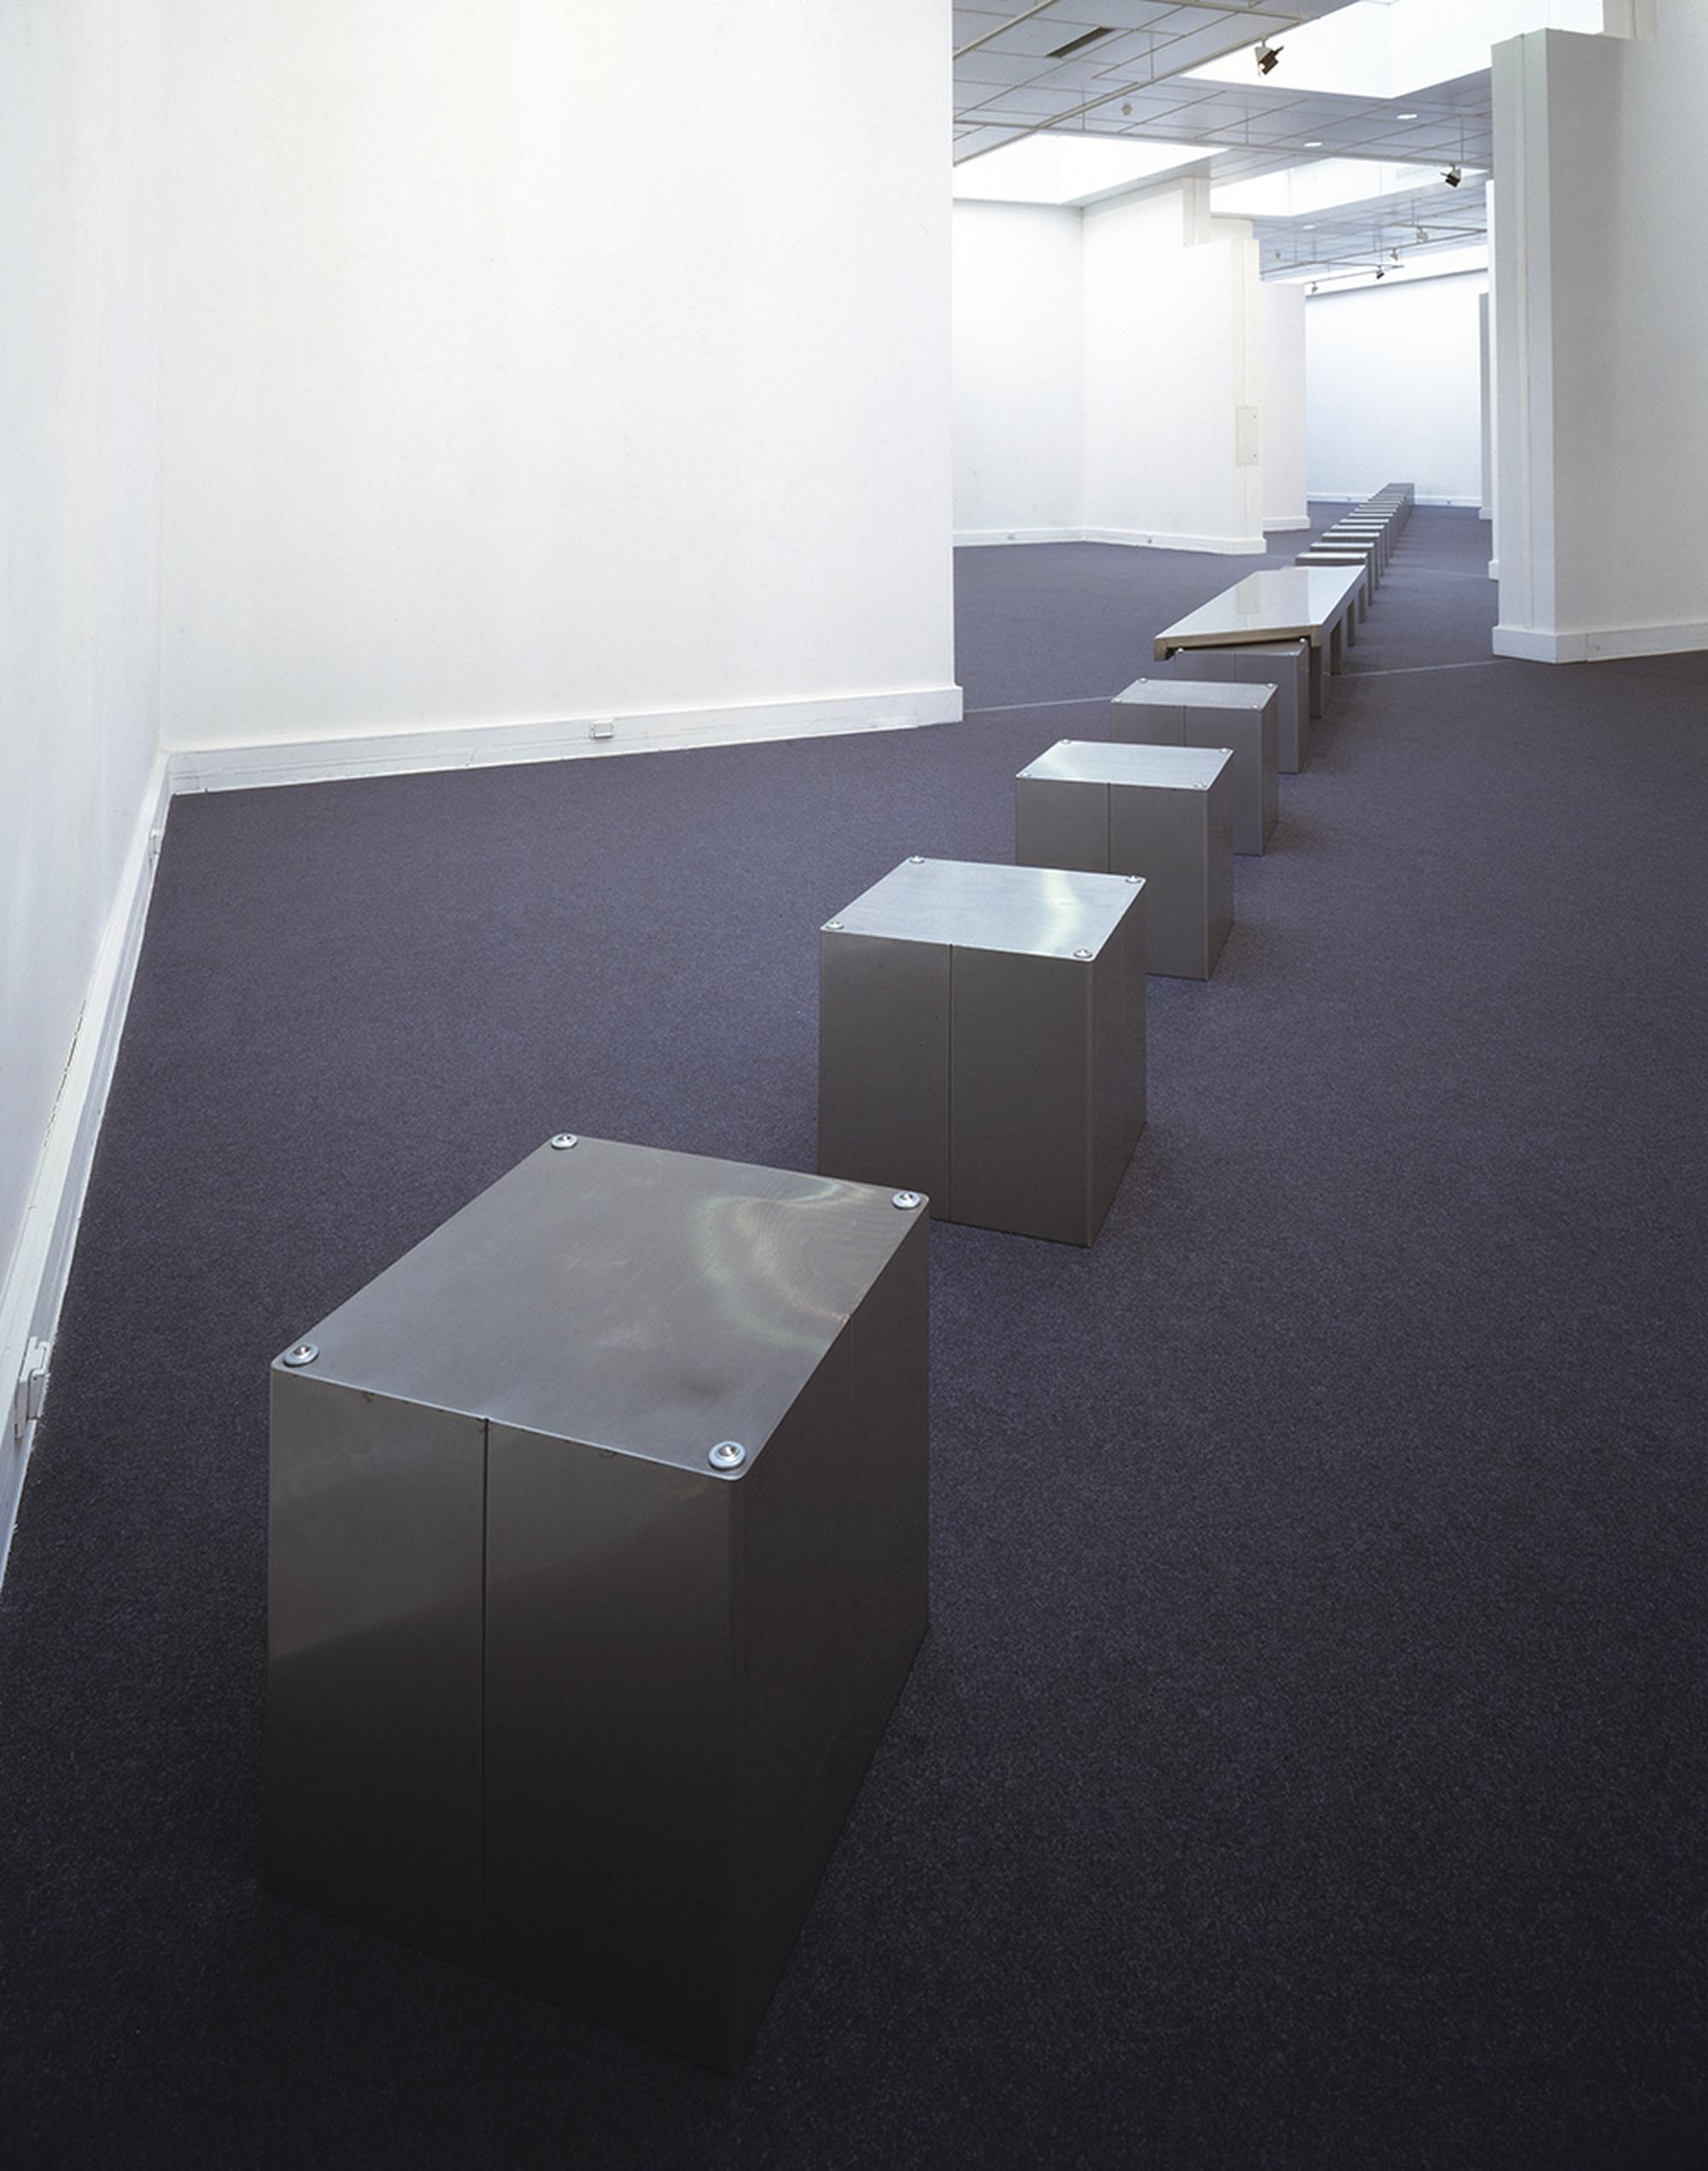 L'Arte stanca, Installazione al Centro per l'Arte Contemporanea Luigi Pecci, Prato, Photo © Antonio Maniscalco